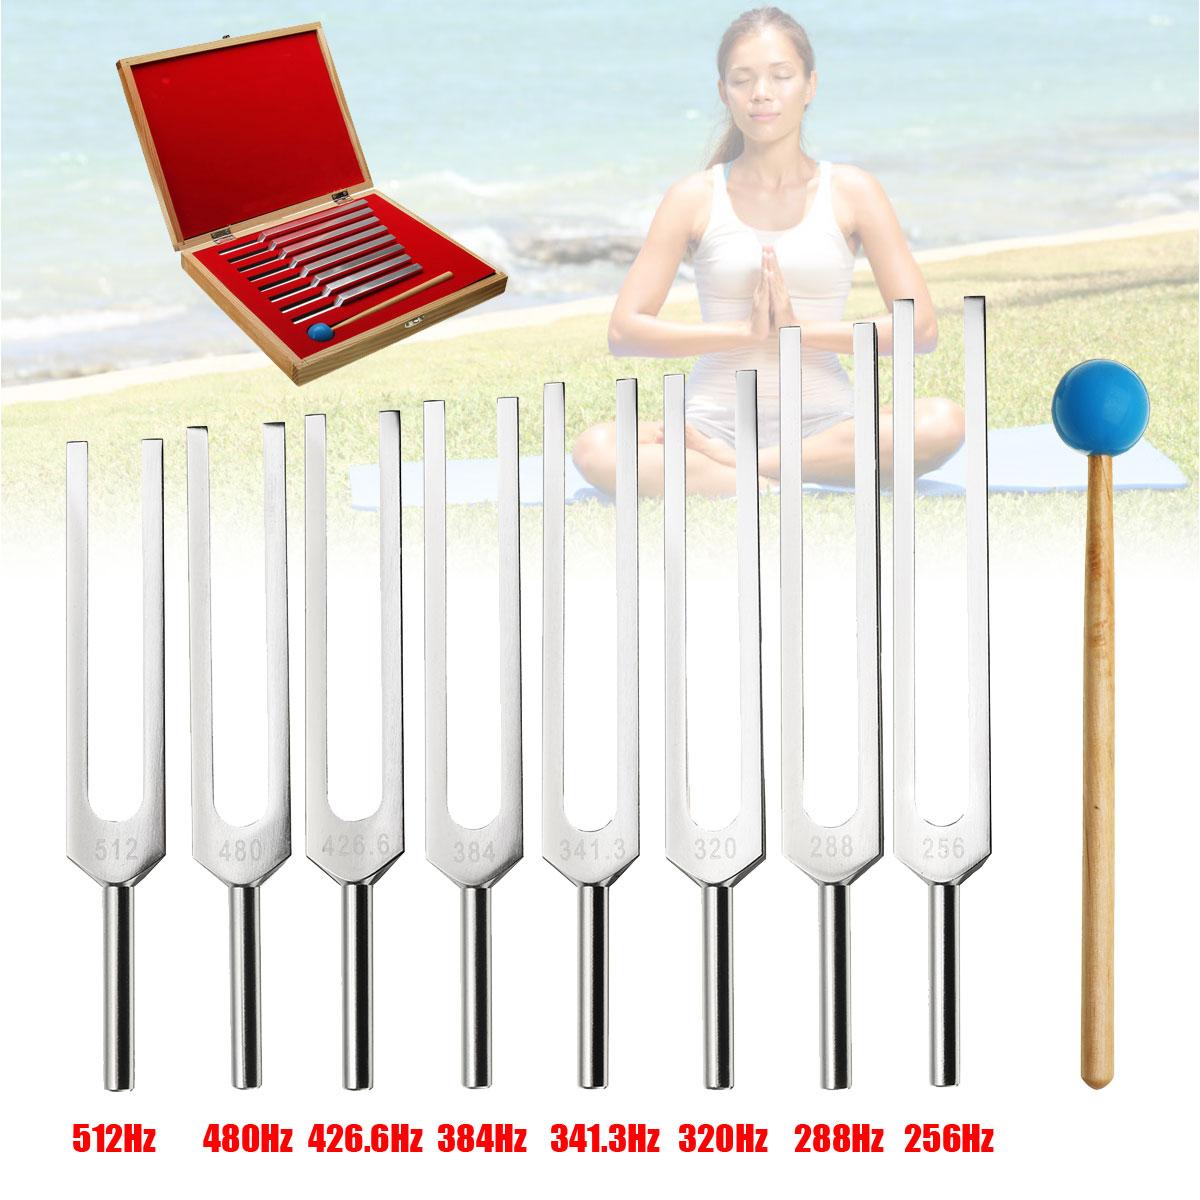 ZEAST 8Pcs/Set Aluminum Medical Tuning Fork Healing Sound Vibration Therapy 256Hz+288Hz+320Hz+341Hz+384Hz+426Hz+480Hz+512Hz ZEAST 8Pcs/Set Aluminum Medical Tuning Fork Healing Sound Vibration Therapy 256Hz+288Hz+320Hz+341Hz+384Hz+426Hz+480Hz+512Hz